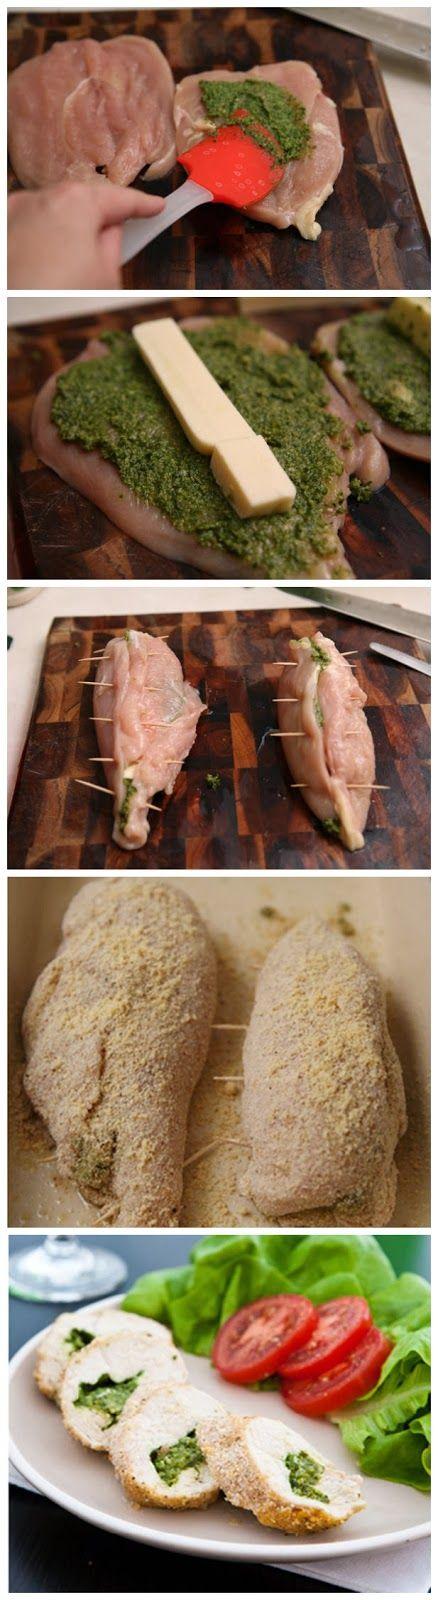 Mozzarella Pesto Stuffed Chicken Breasts - Latest Food